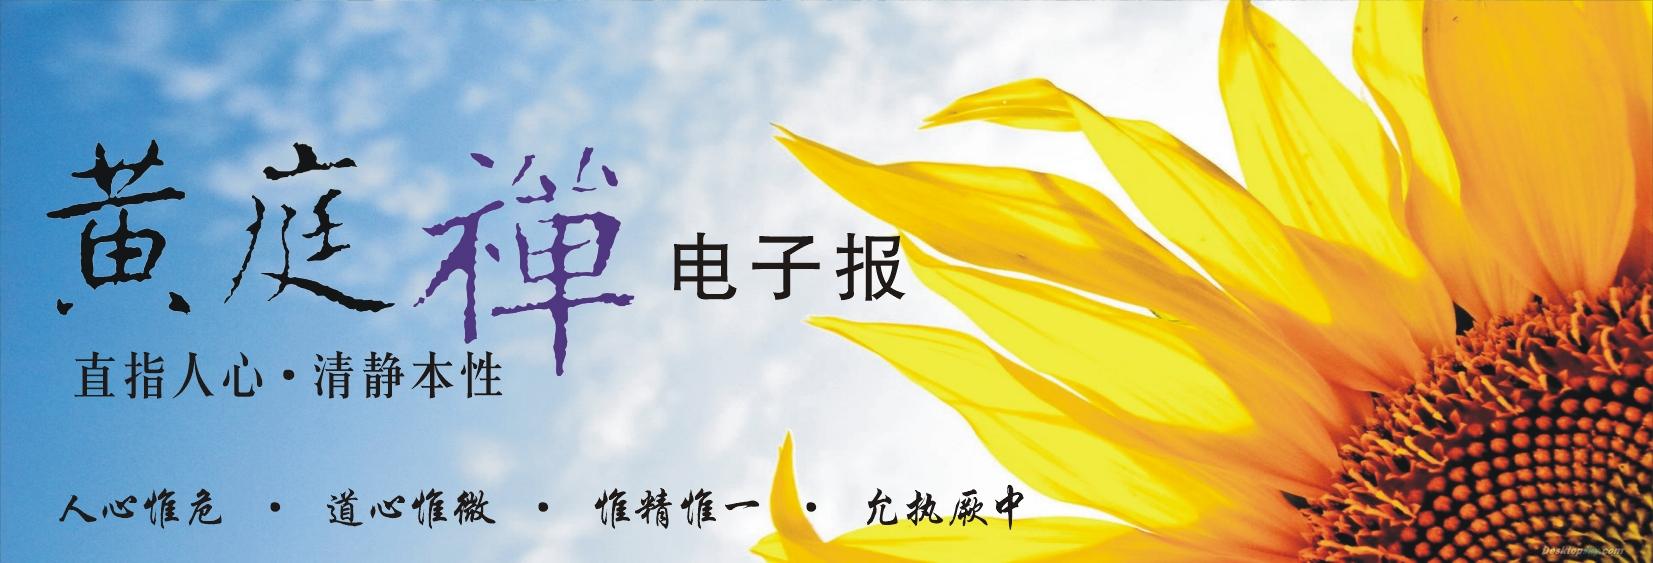 中华黄庭禅学会2020.07.01电子报